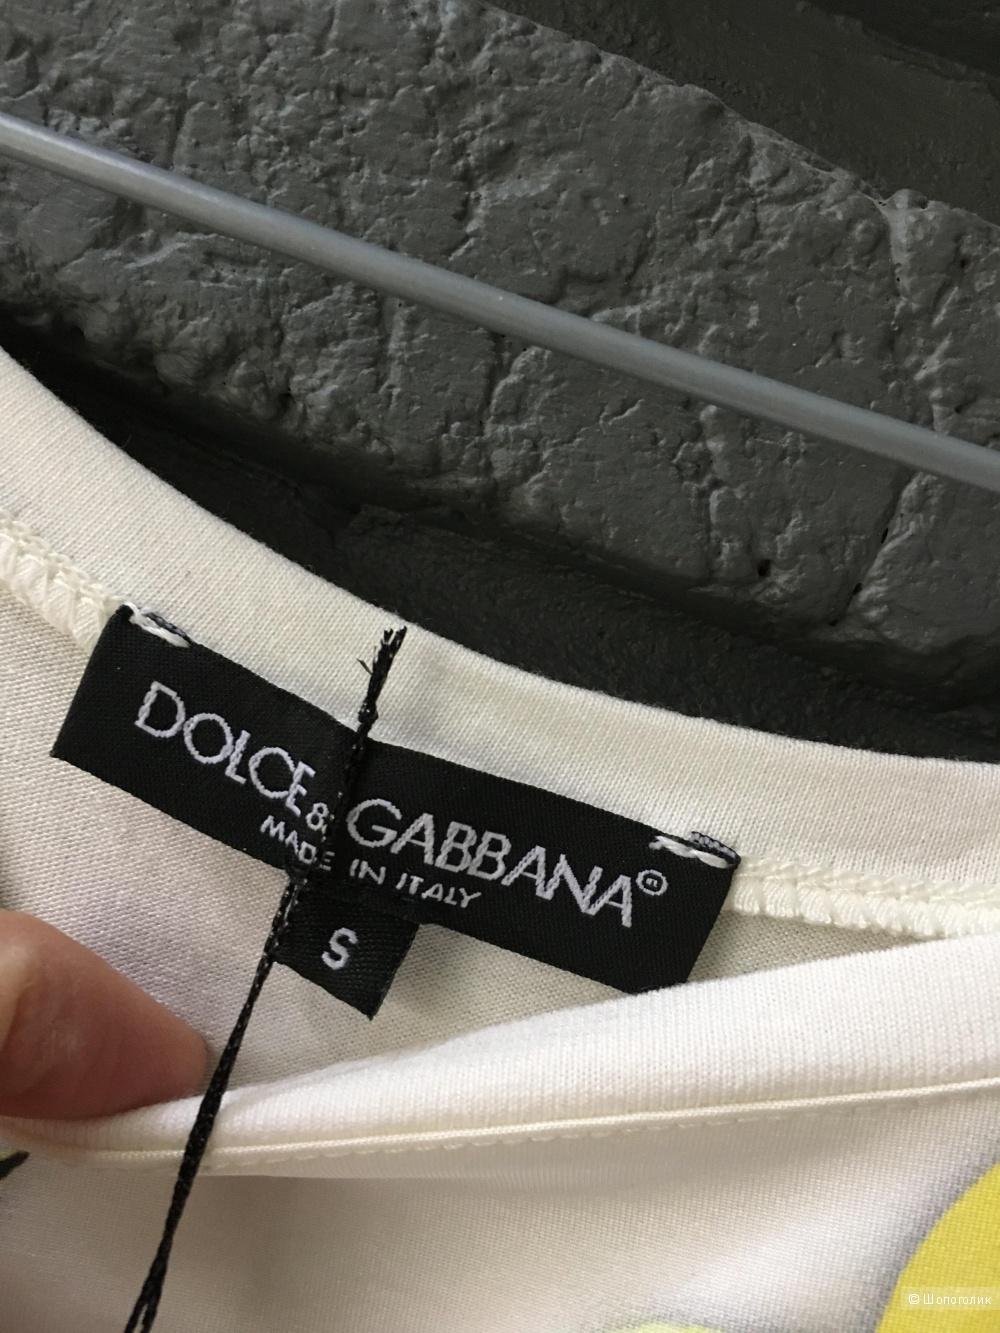 Футболка Dolce & Gabbana, реплика, размер S